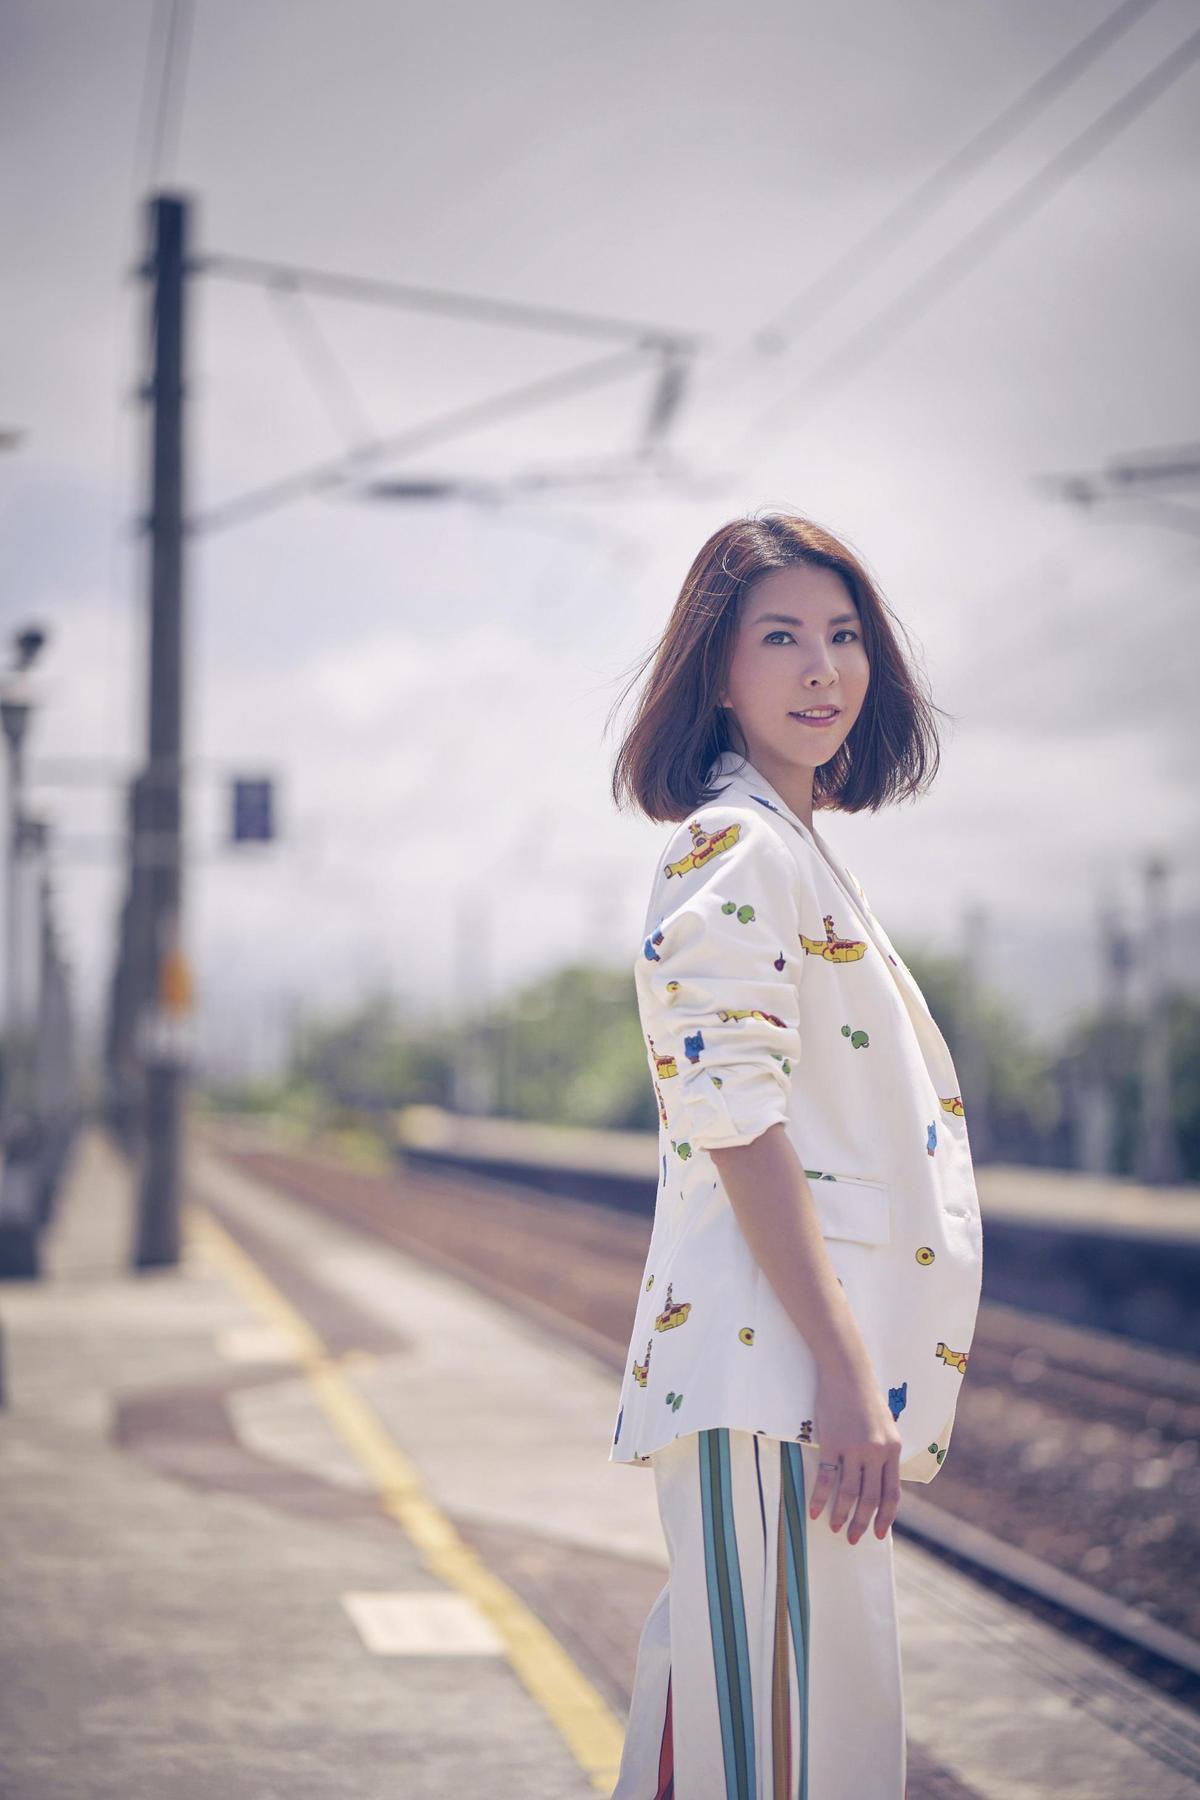 暌違4年,許茹芸將於9月推出新專輯《綻放的綻放的綻放》。(索尼唱片提供)